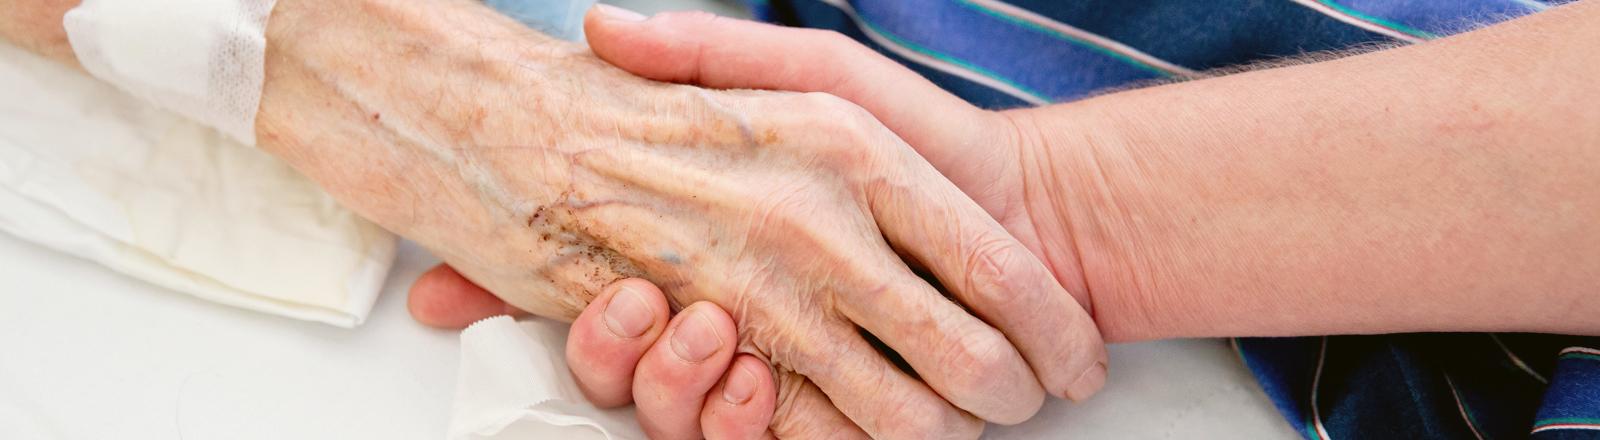 Ein junger Mann hält die Hand einer alten Frau im Krankenhaus.